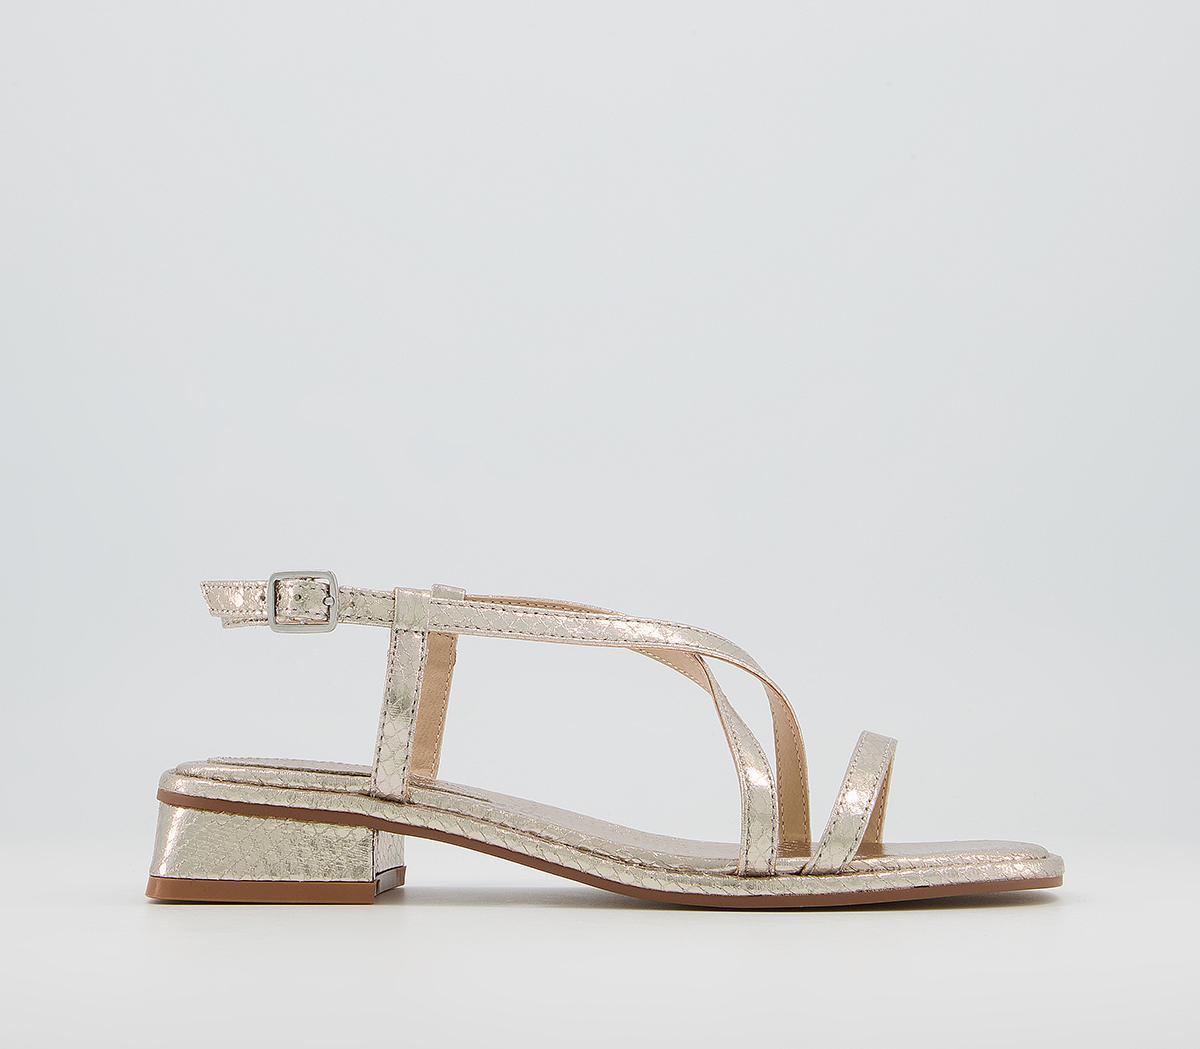 Slightly Strappy Sandals